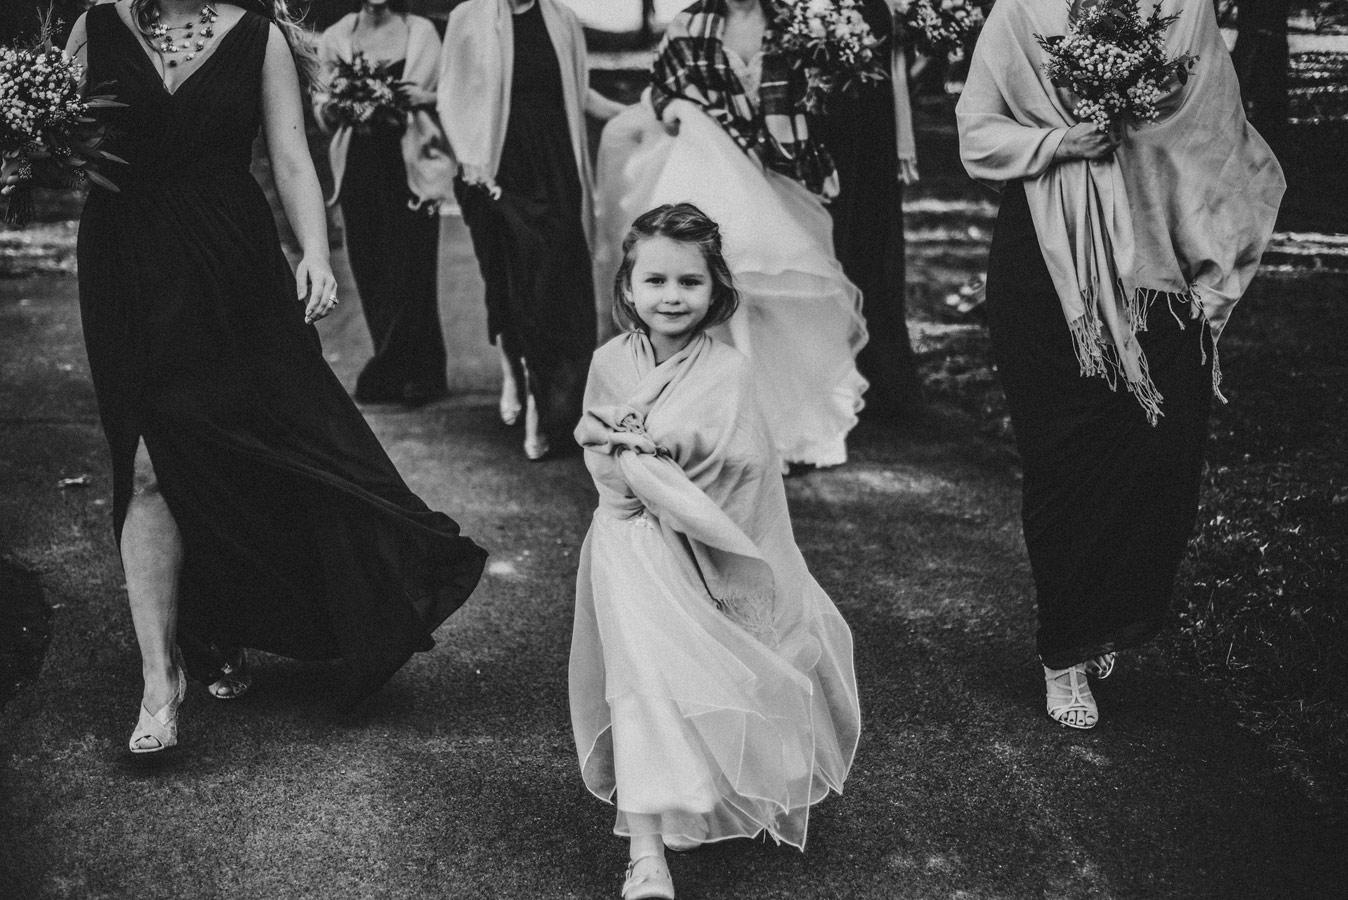 Габриэль Ван Вик, США / Gabrielle Van Wyck, US, 2-е место в категории «Свадебная вечеринка», Конкурс свадебной фотографии Rangefinder